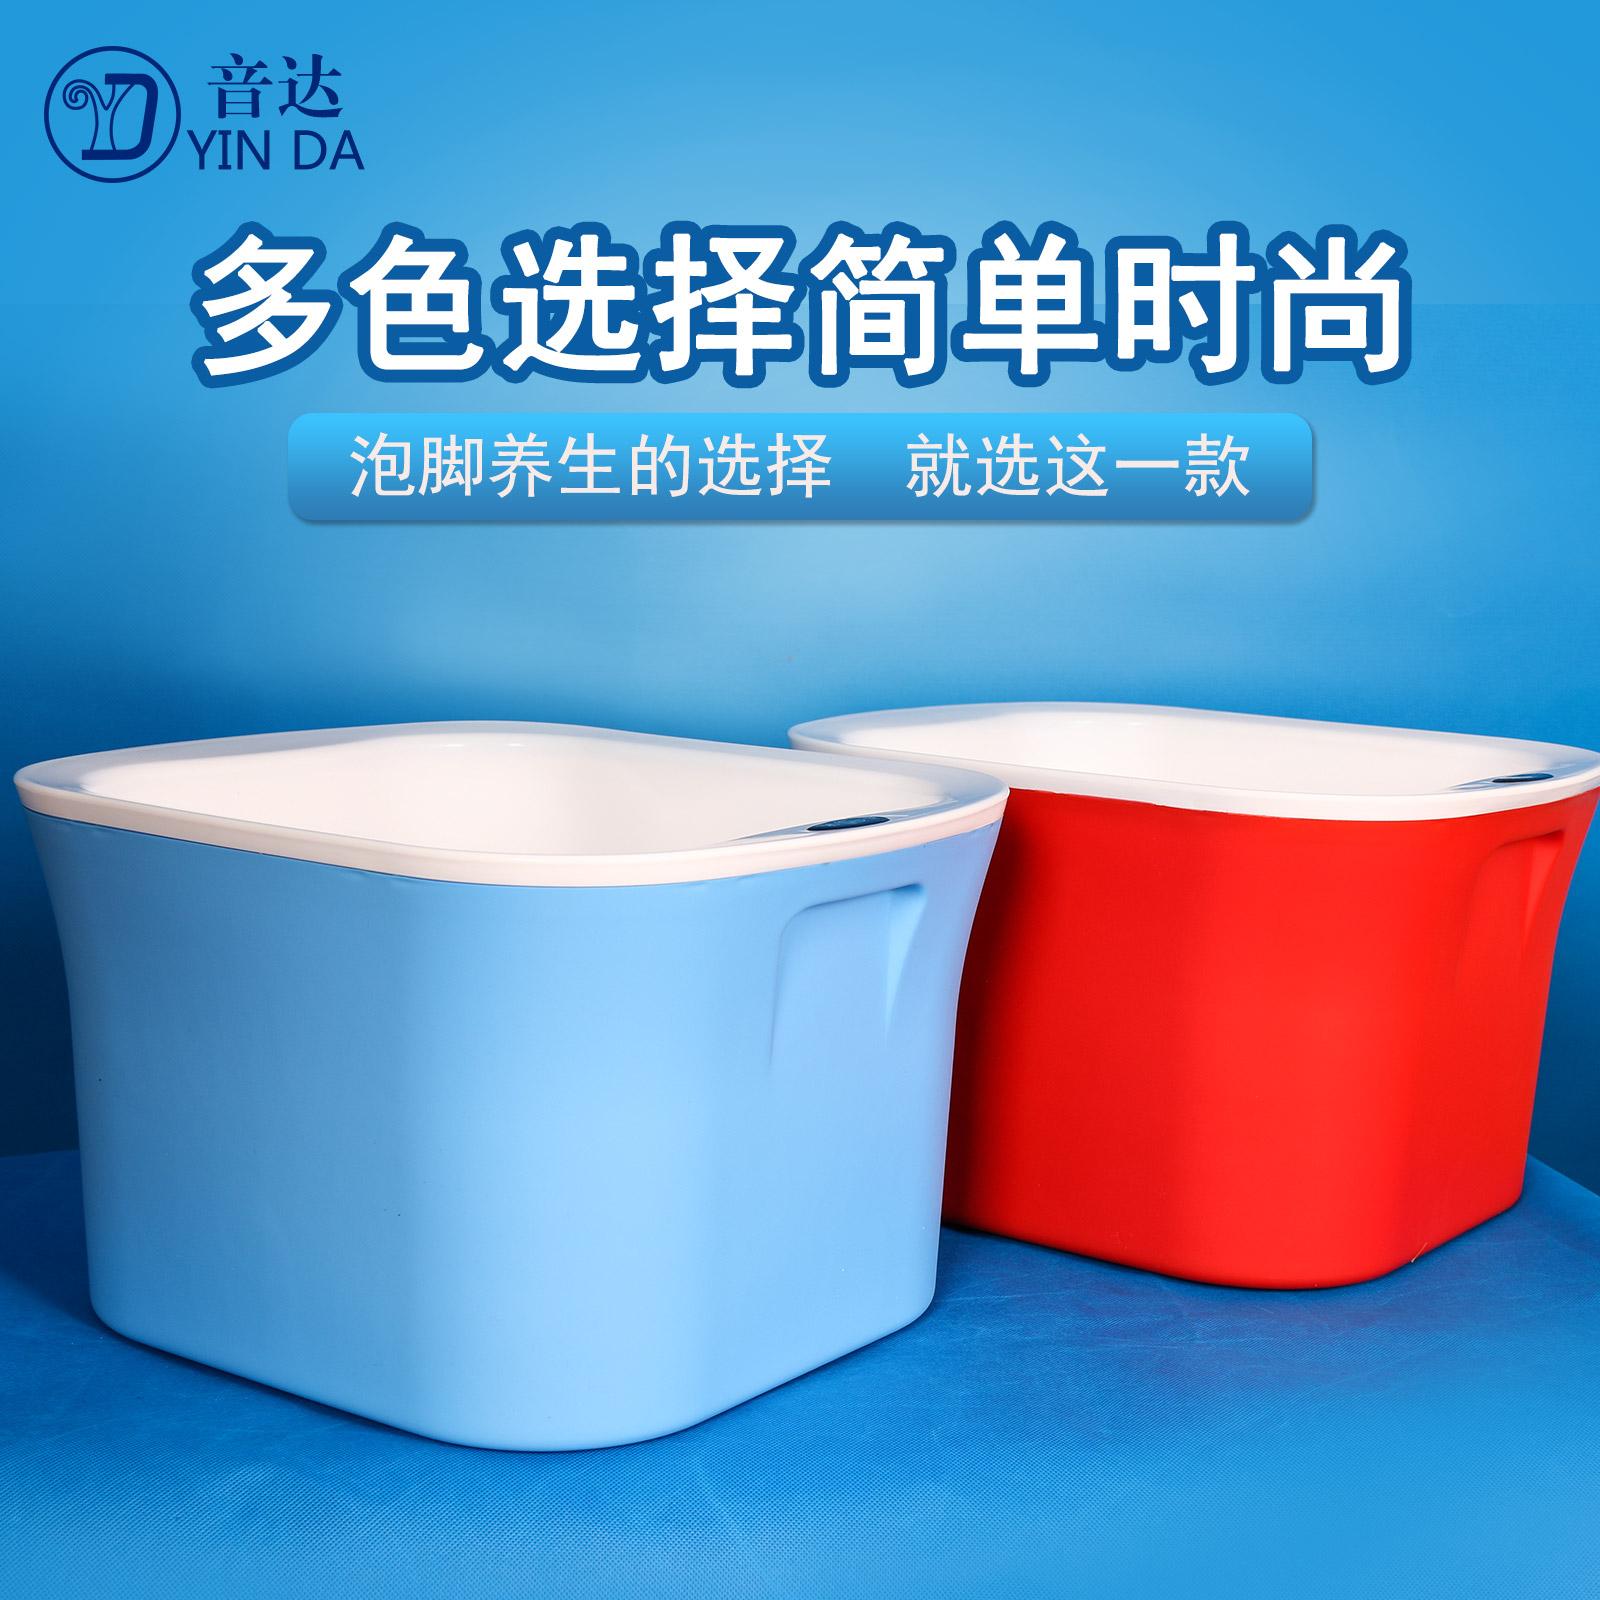 方形泡脚桶轻便塑料足浴盆保温泡脚盆家用带盖加厚洗脚盆按摩省水